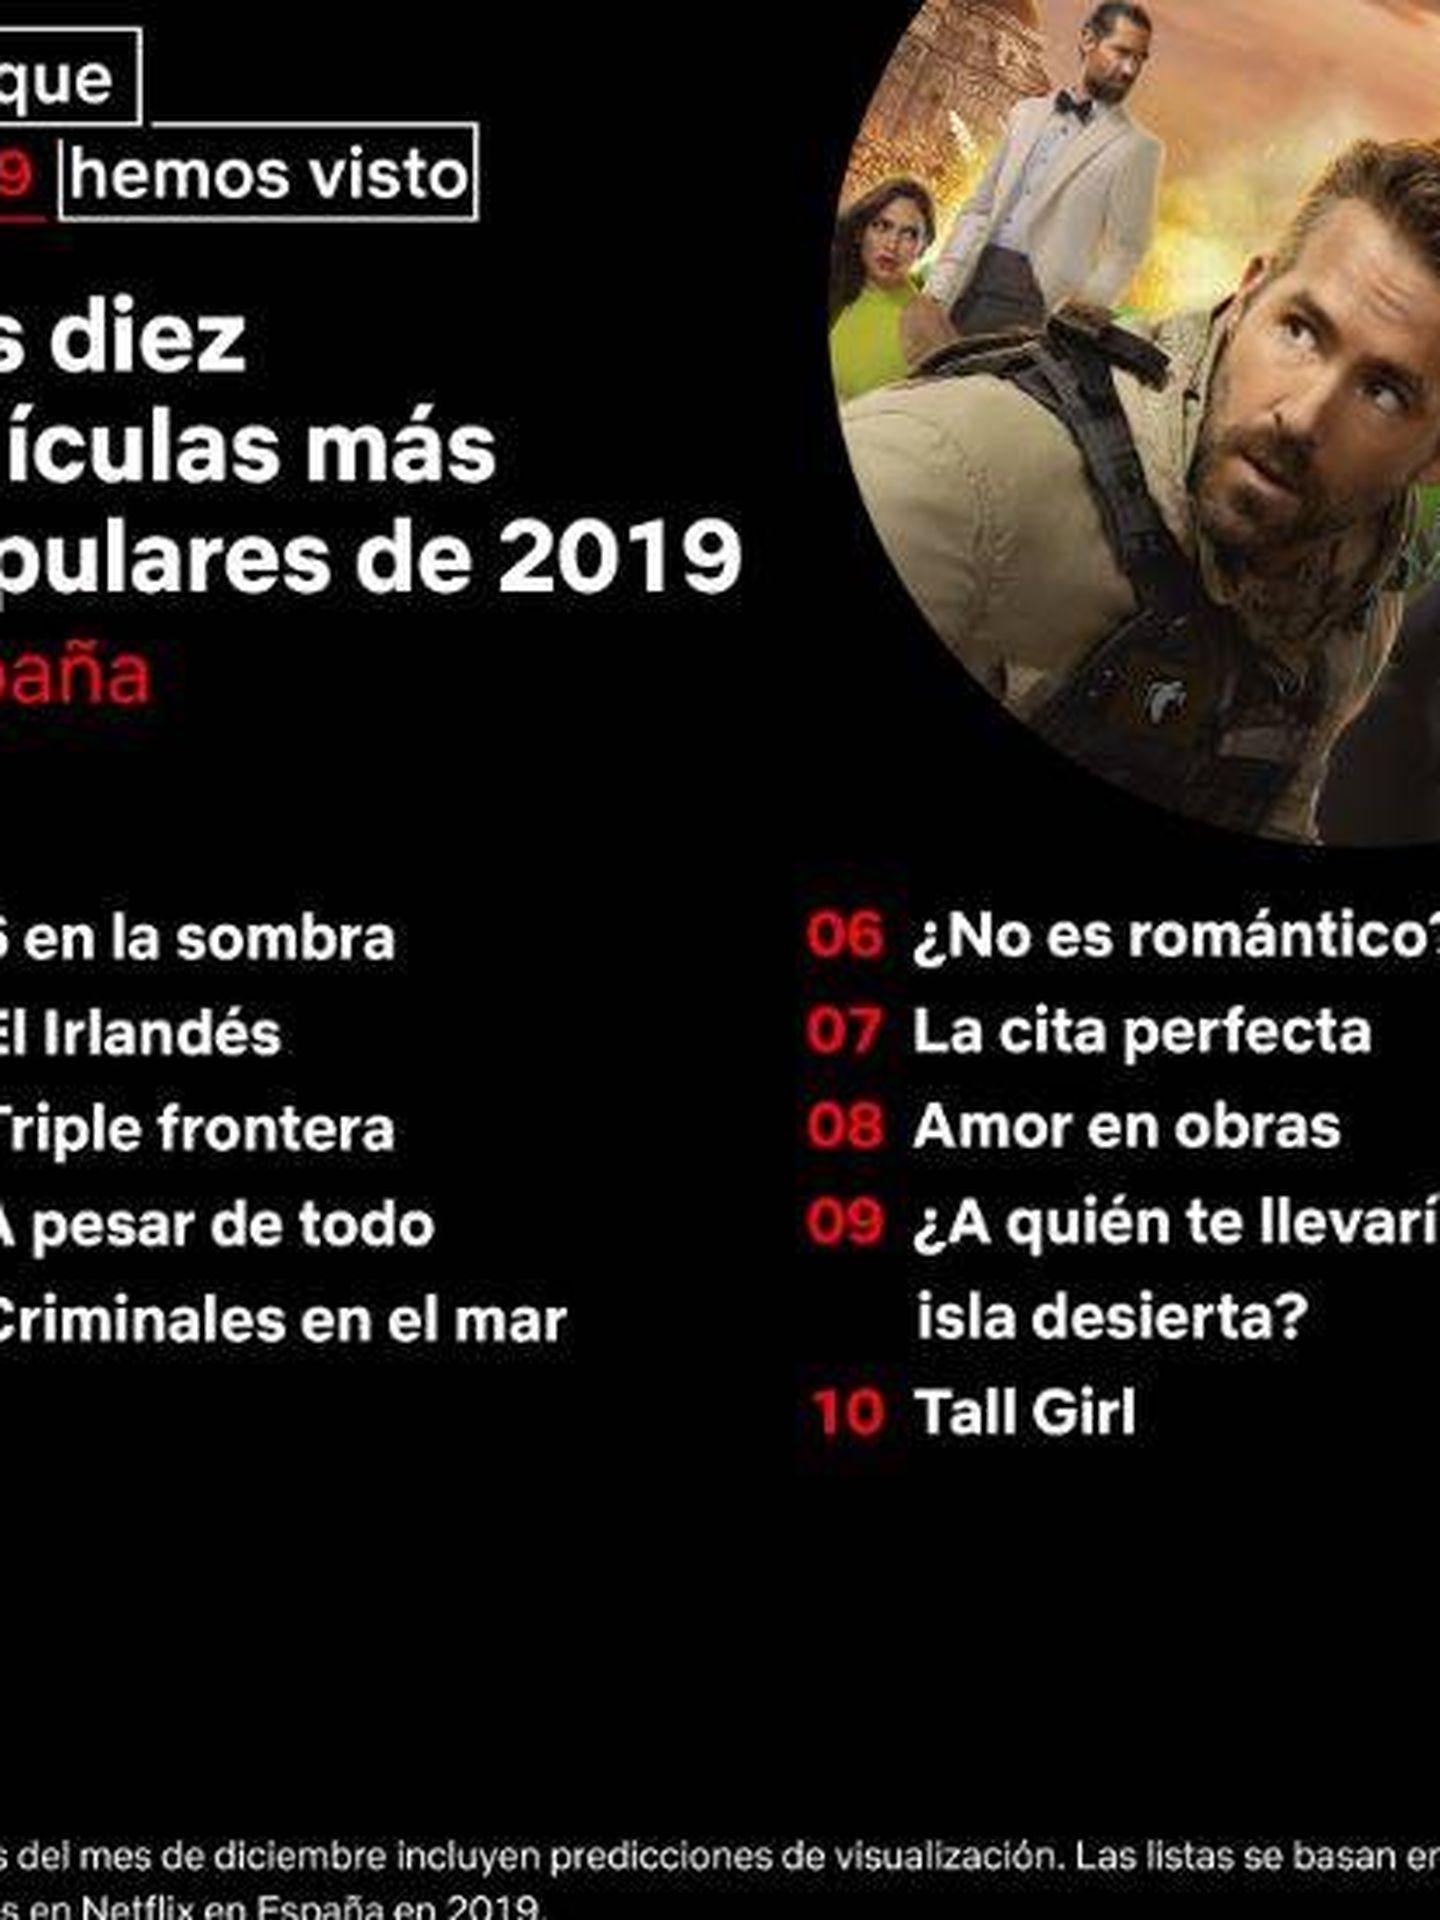 Las películas de Netflix más vistas en España en 2019. (Twitter)